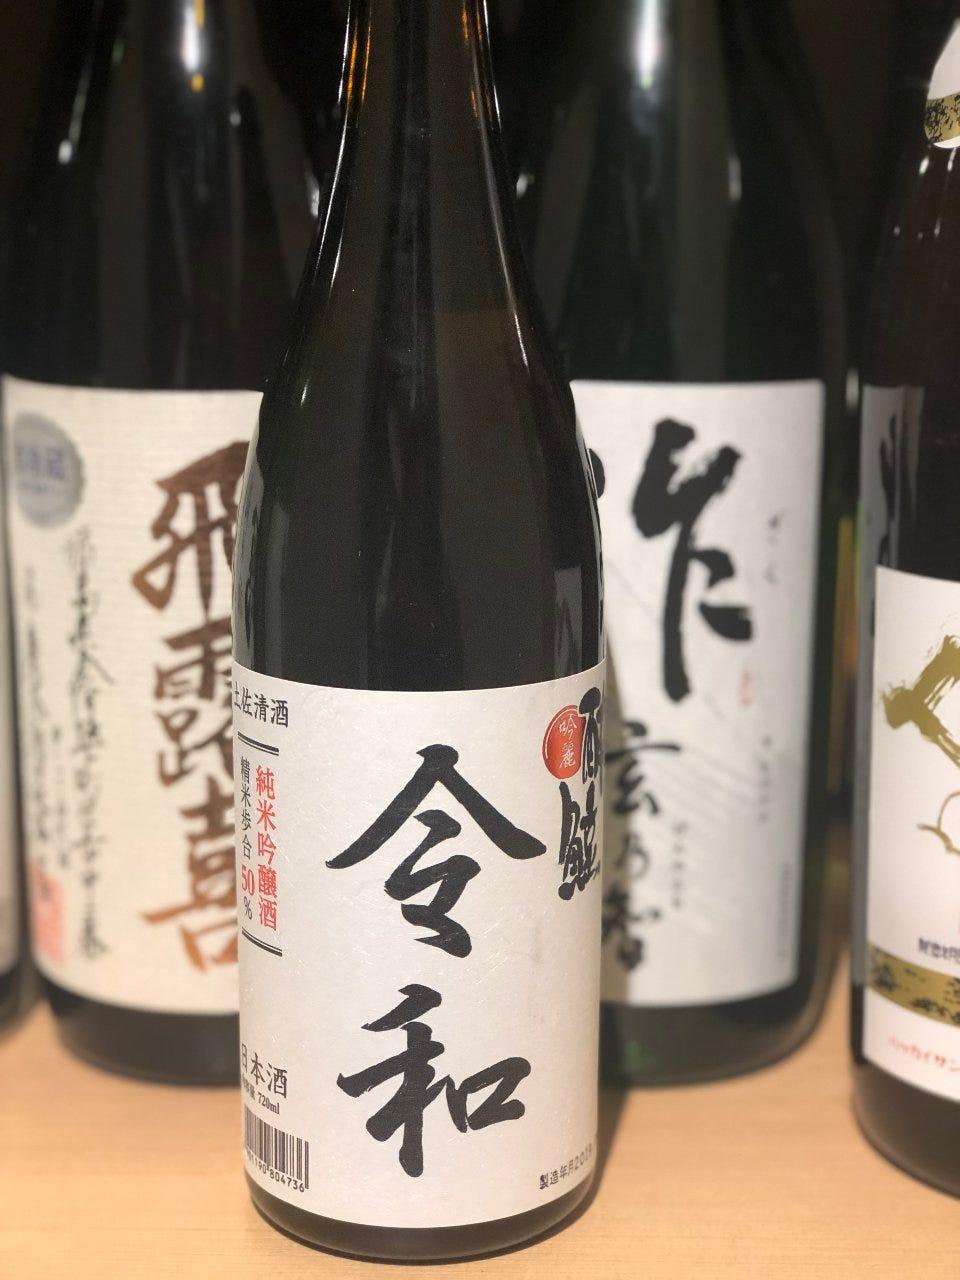 旬の食材と日本酒を存分に愉しむ